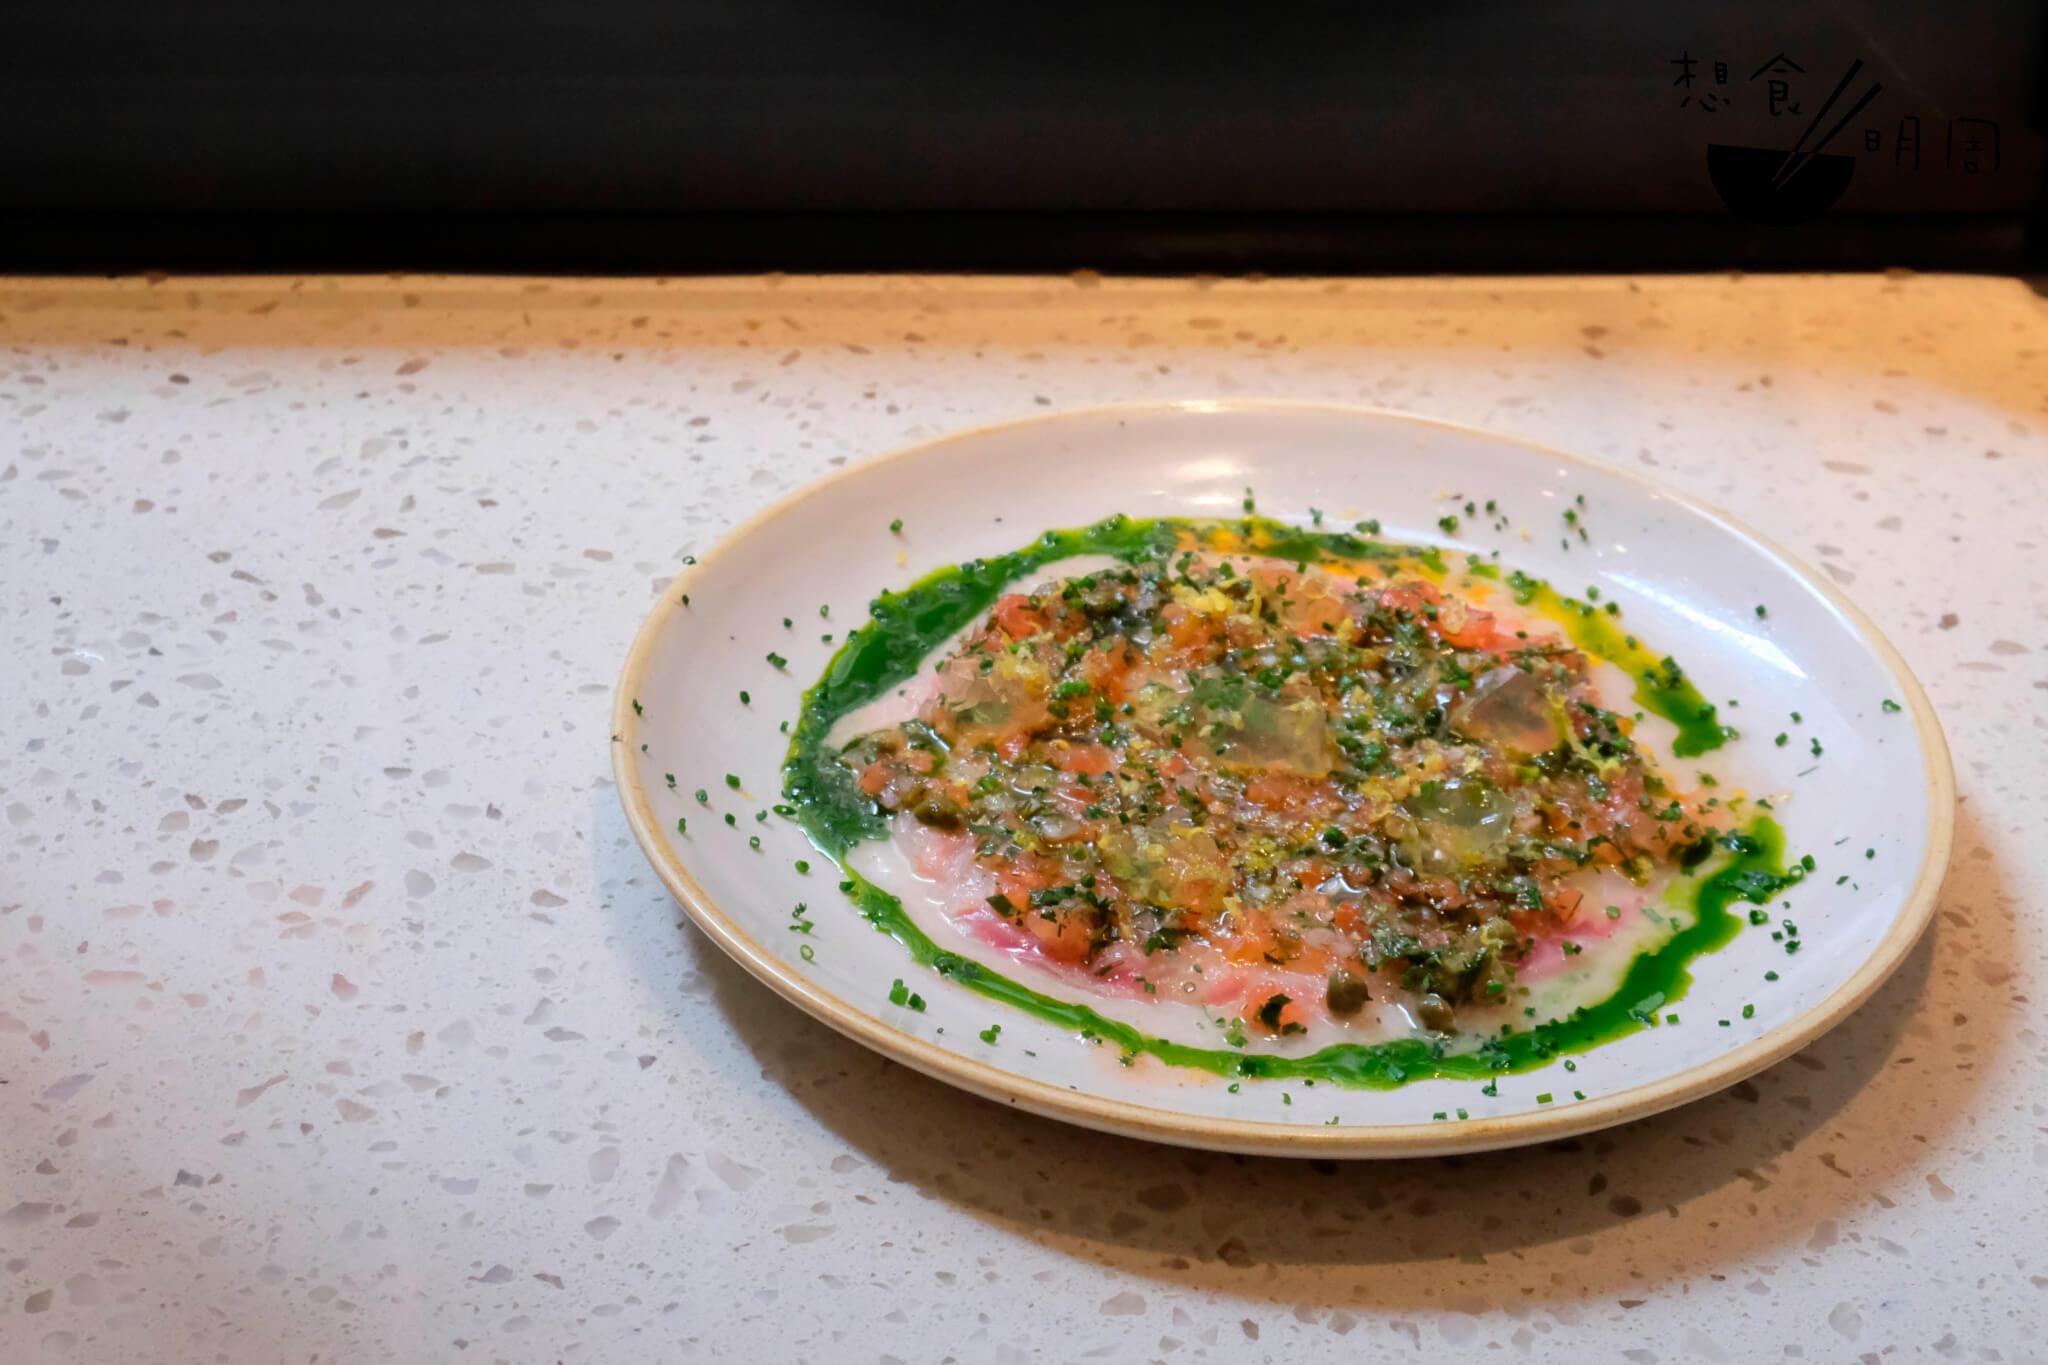 生鮮鯛魚(Sea Bream)魚片,配上了以橄欖油、檸檬汁、羅勒葉等組合而成的Vierge醬汁。